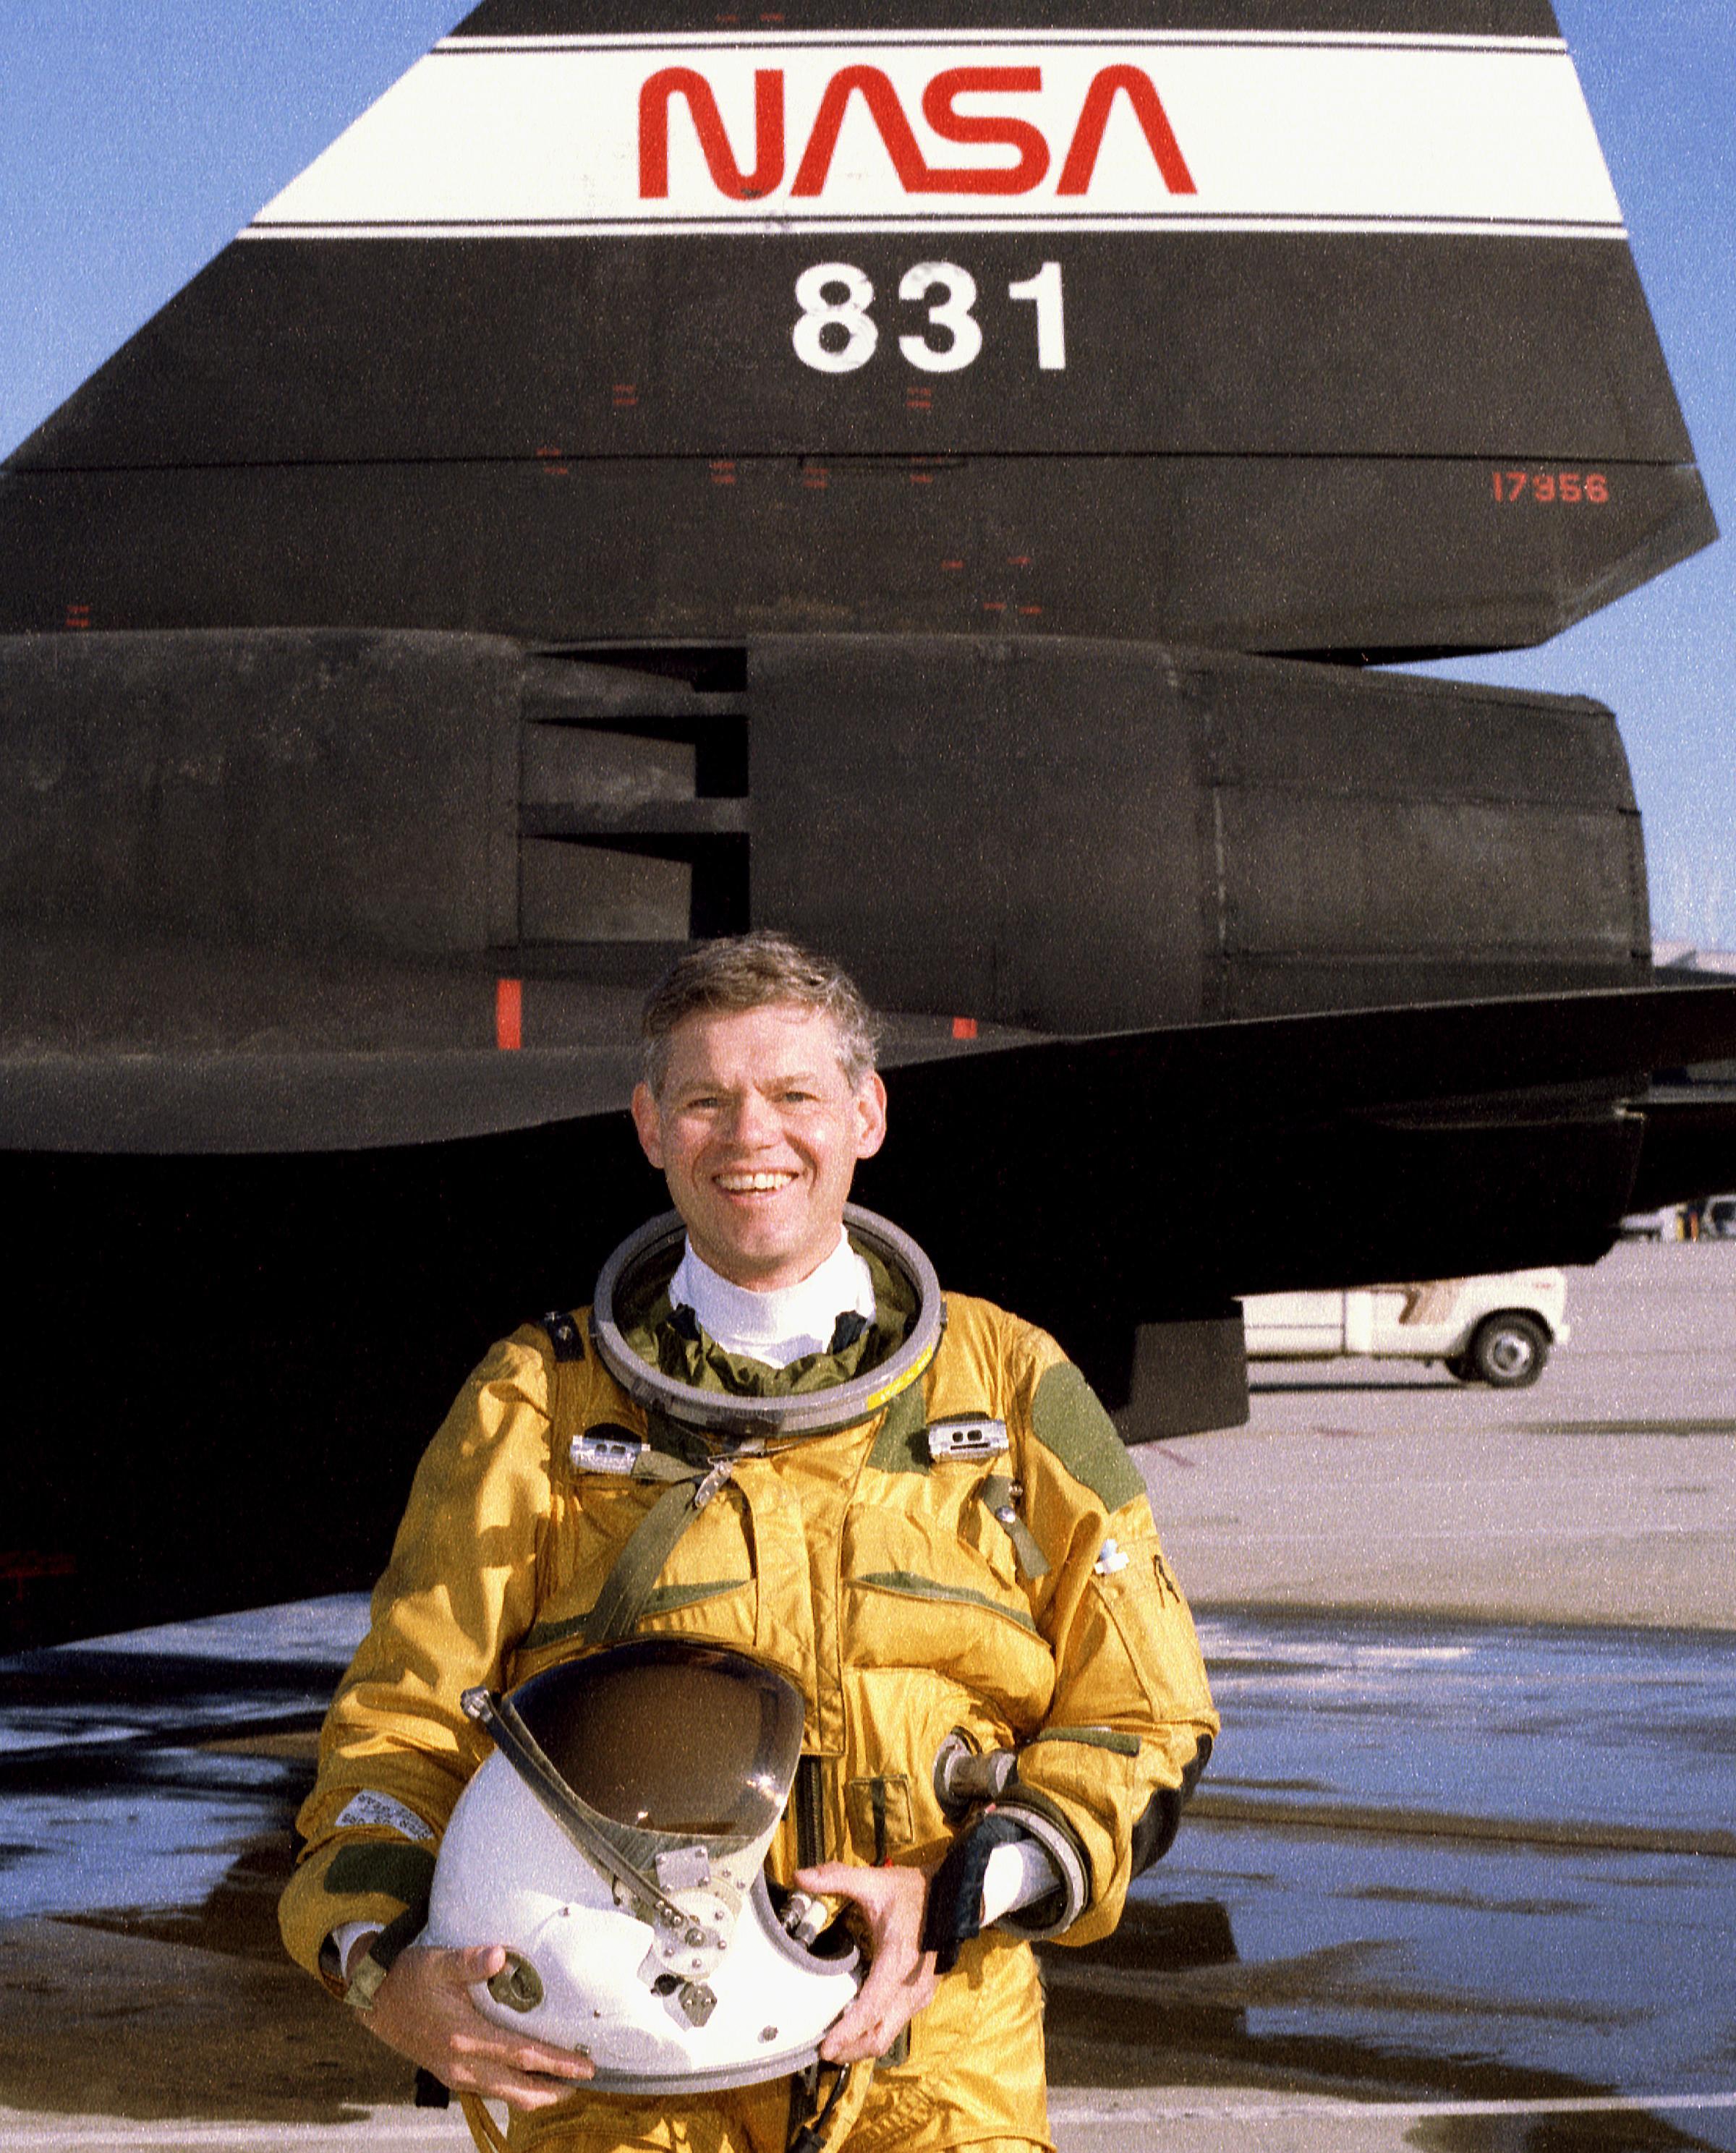 nasa female pilot - photo #14